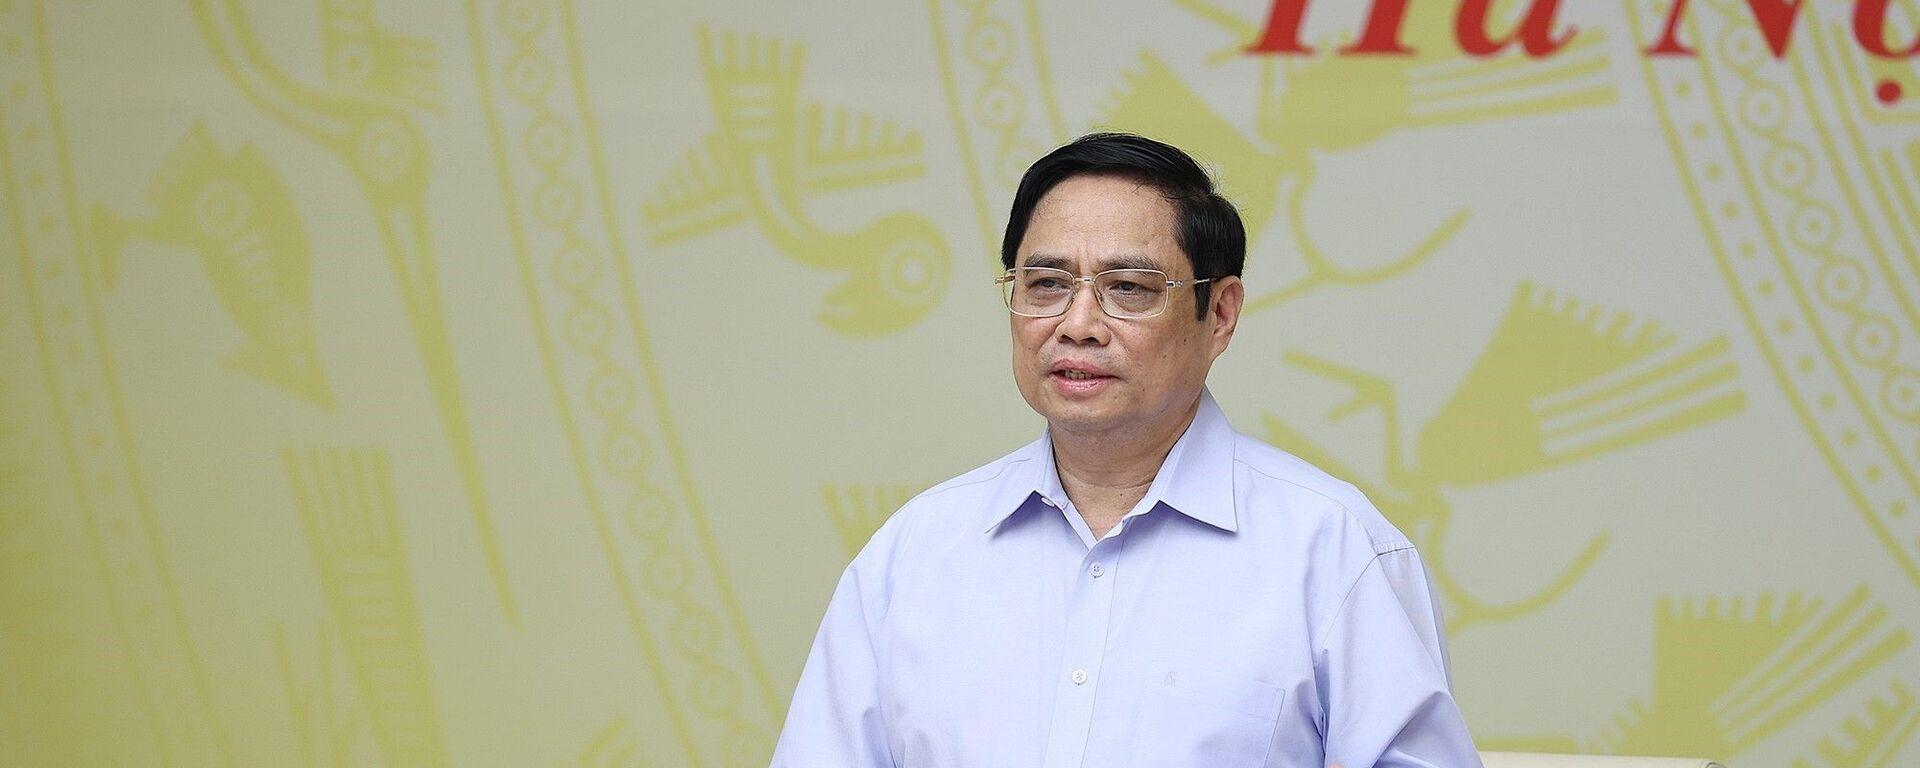 Thủ tướng Phạm Minh Chính chủ trì Hội nghị bàn giải pháp hỗ trợ doanh nghiệp trong bối cảnh dịch COVID-19 - Sputnik Việt Nam, 1920, 26.09.2021